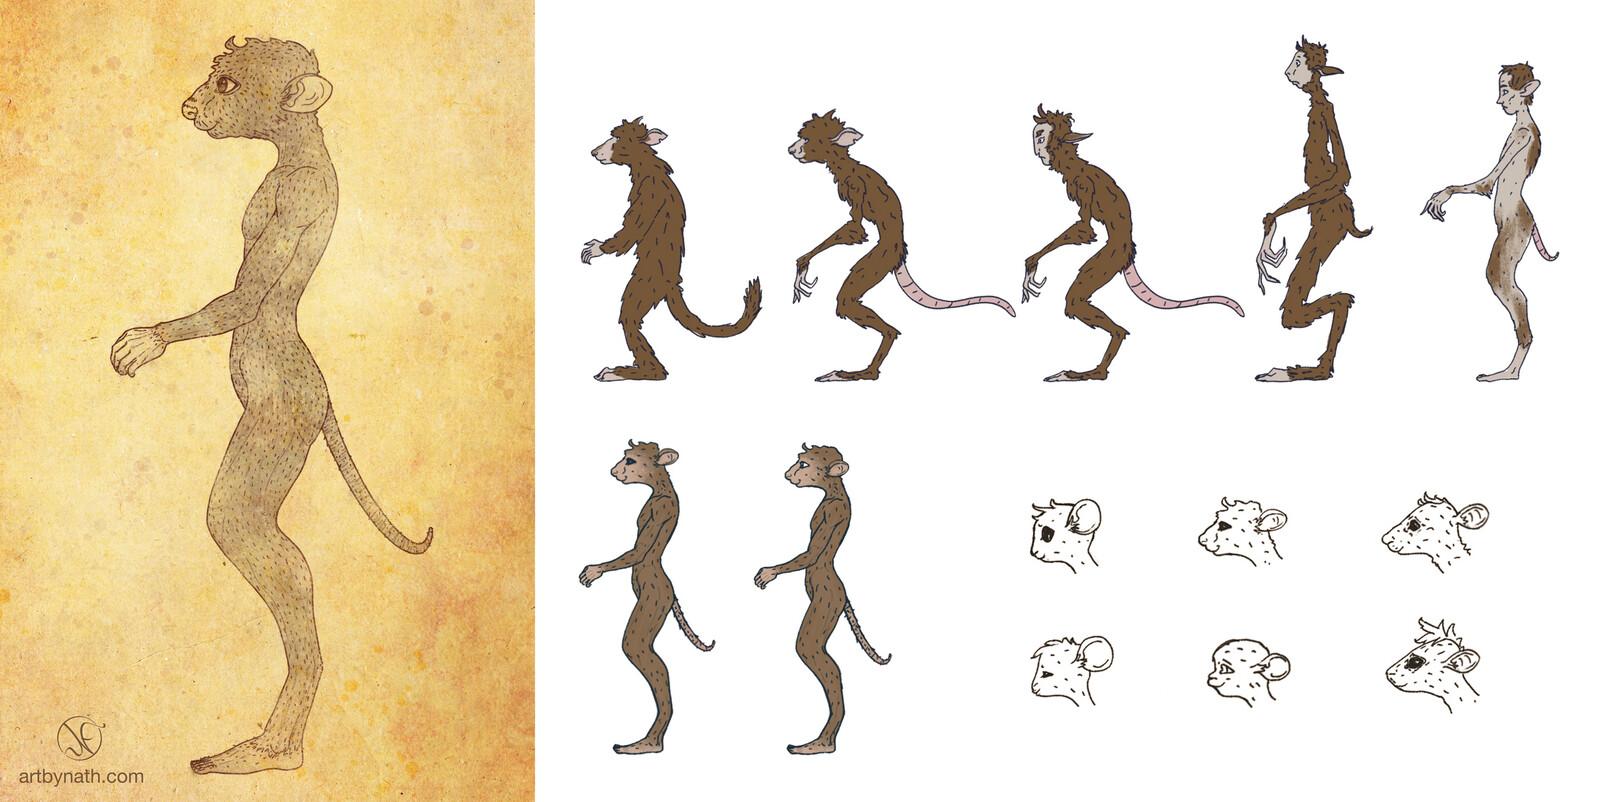 Parvmaner Creature Design